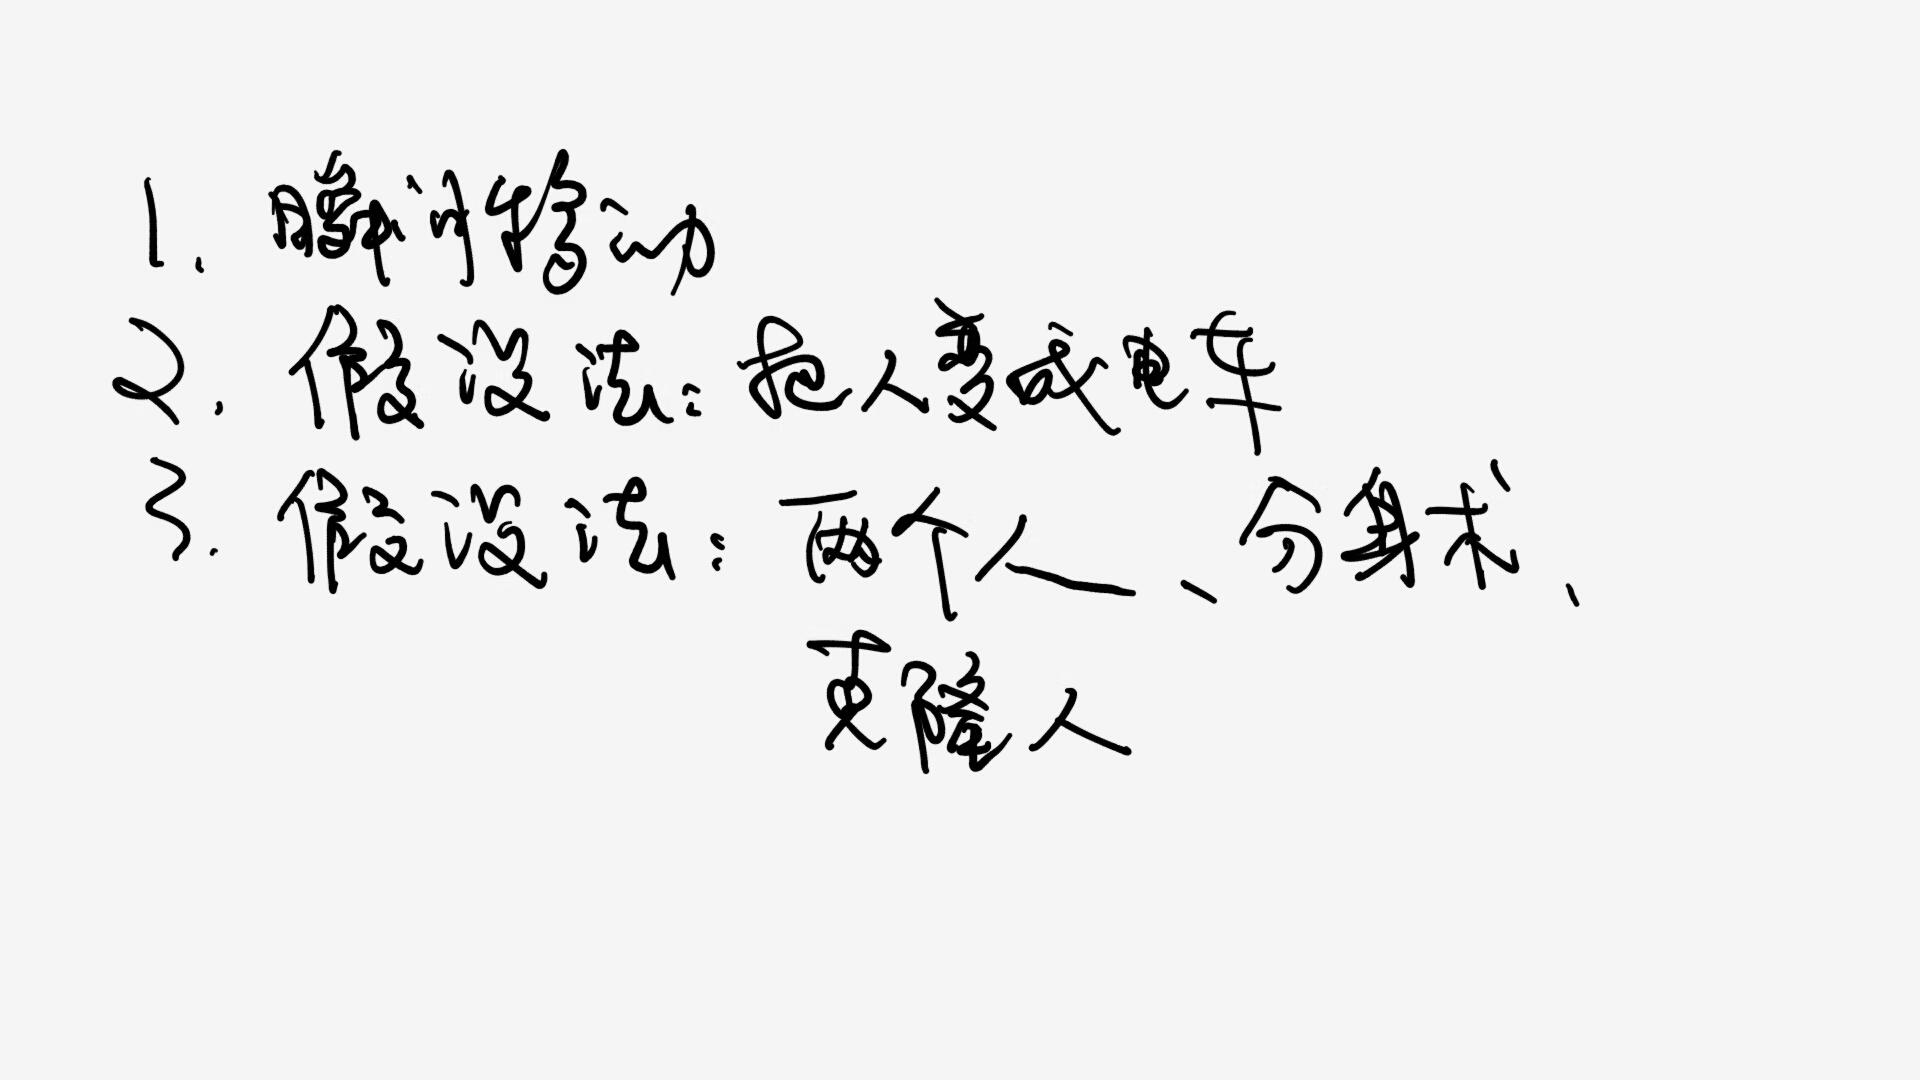 数的奥秘 1_11.jpg